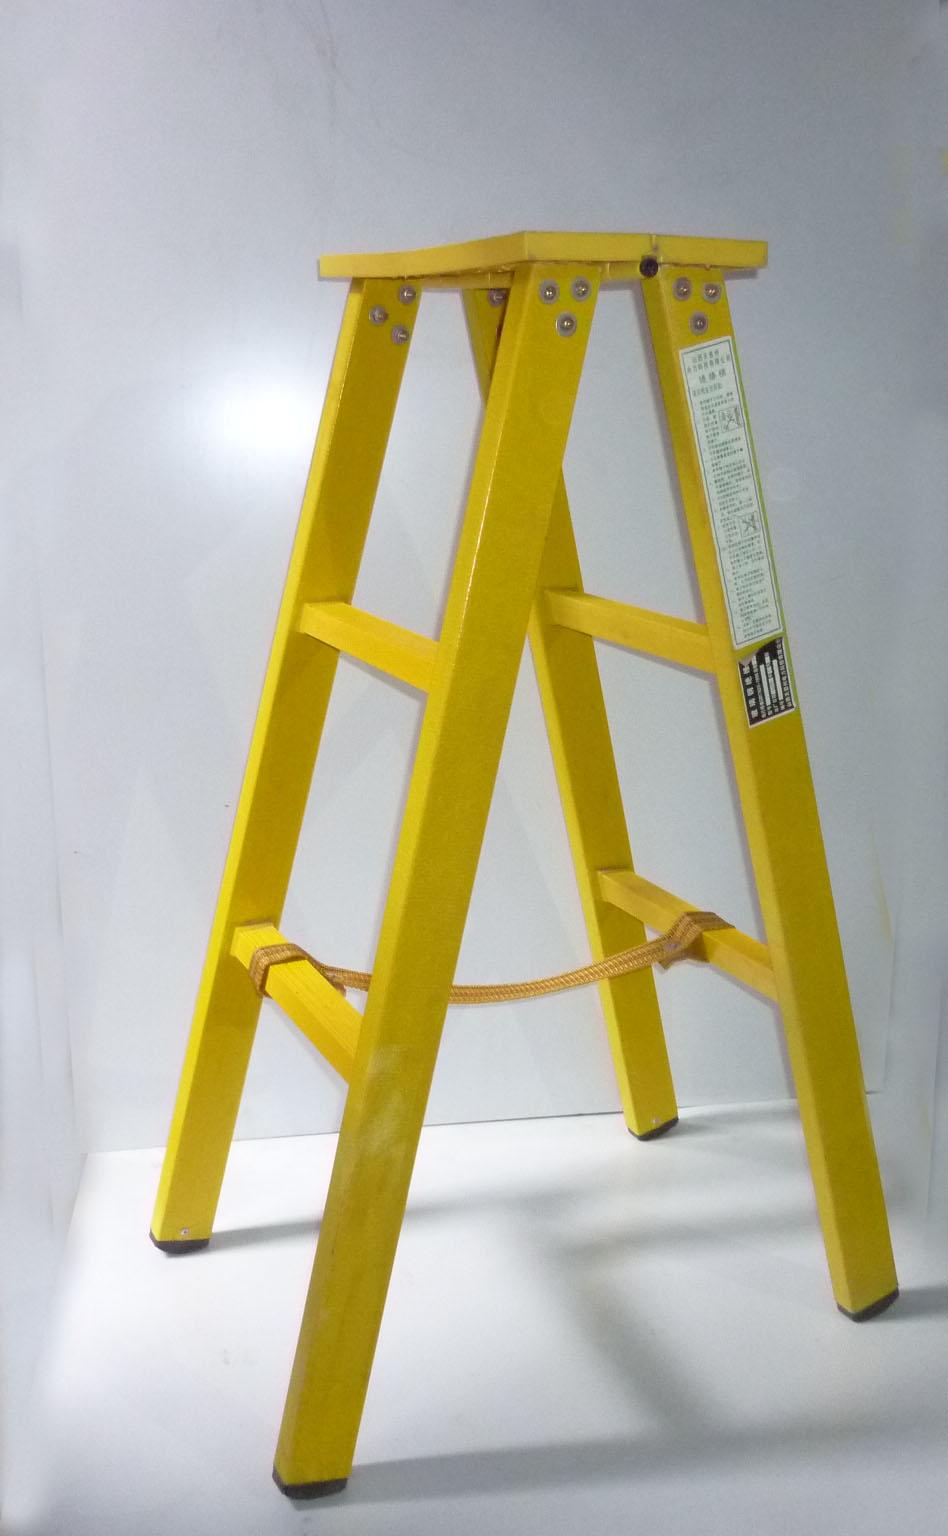 絕緣伸縮梯 玻璃鋼絕緣伸縮梯 3m絕緣人字梯 絕緣軟梯 物價促銷